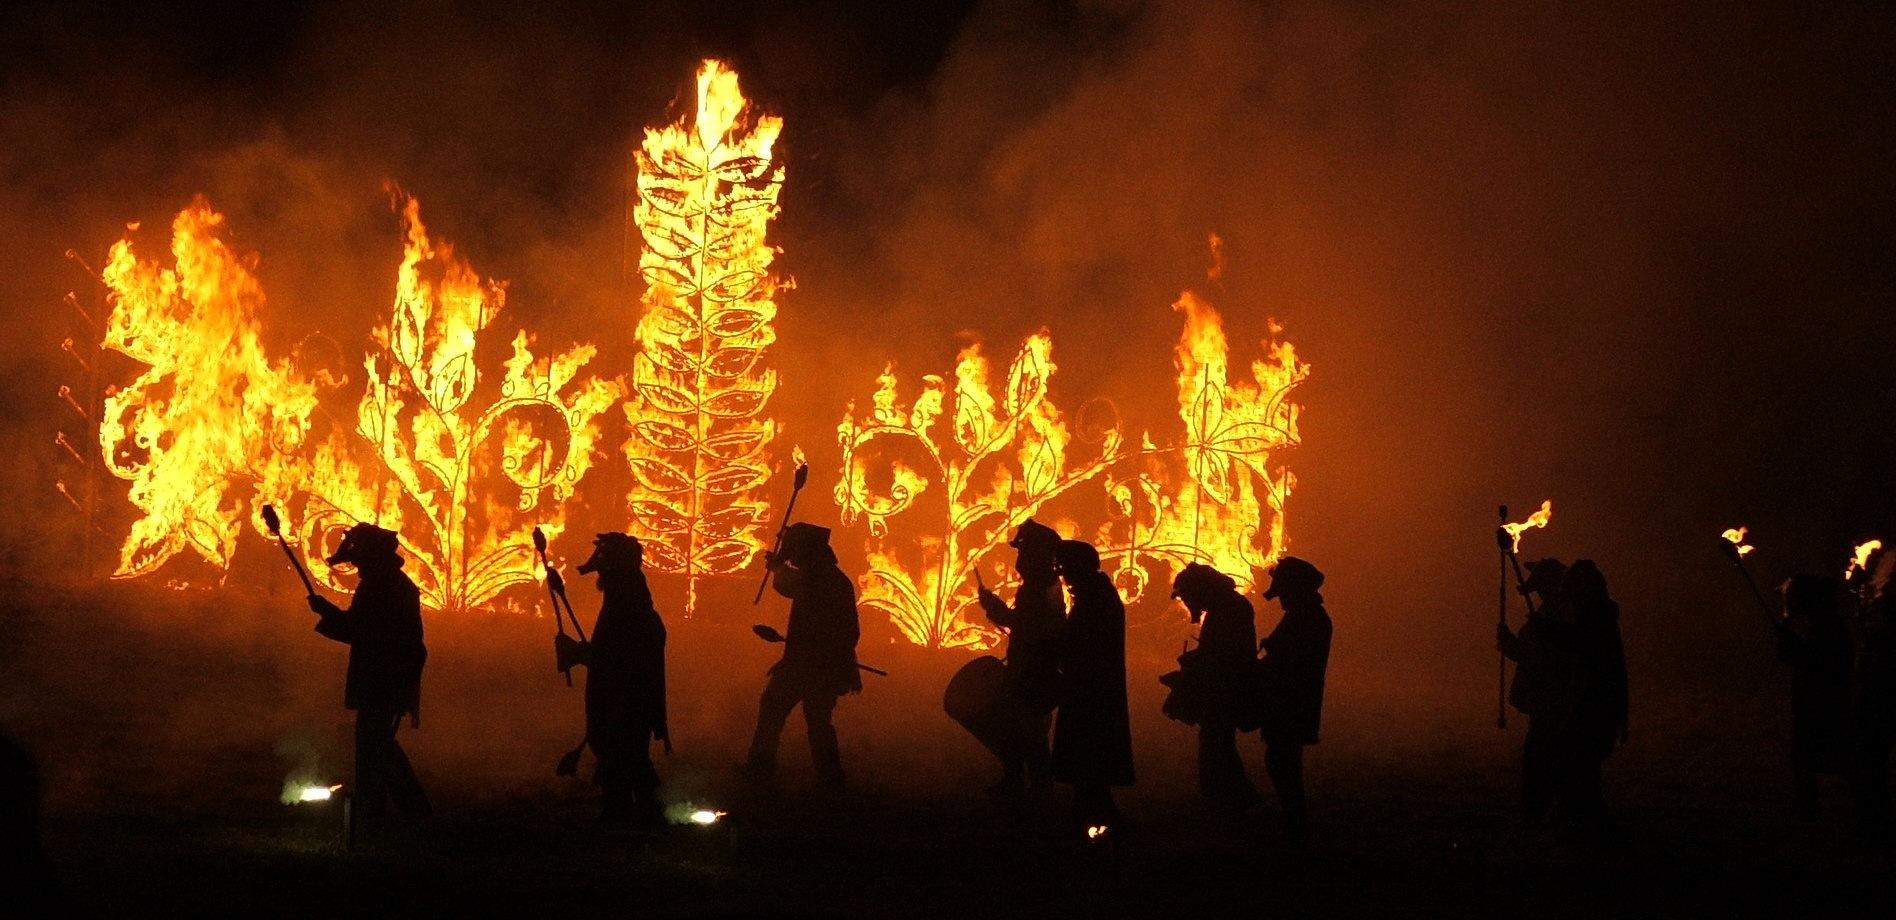 натальи это вальпургиева ночь сгорела в огне онлайн сосет член дает